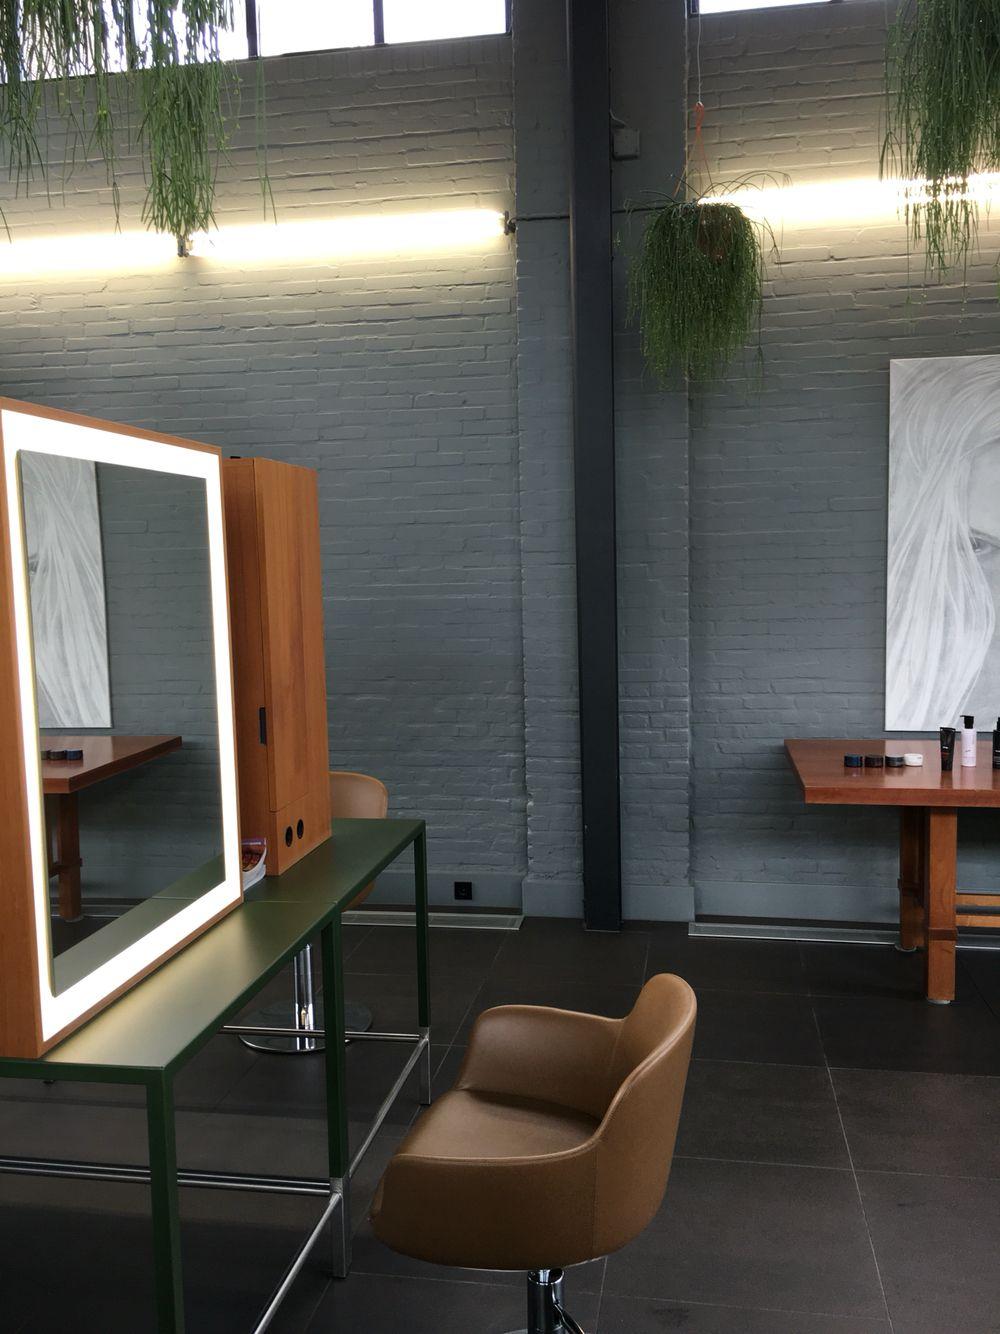 Arnolds kapper| Hilvarenbeek Interieur by Wim de Vos ❤ | RETAIL ...